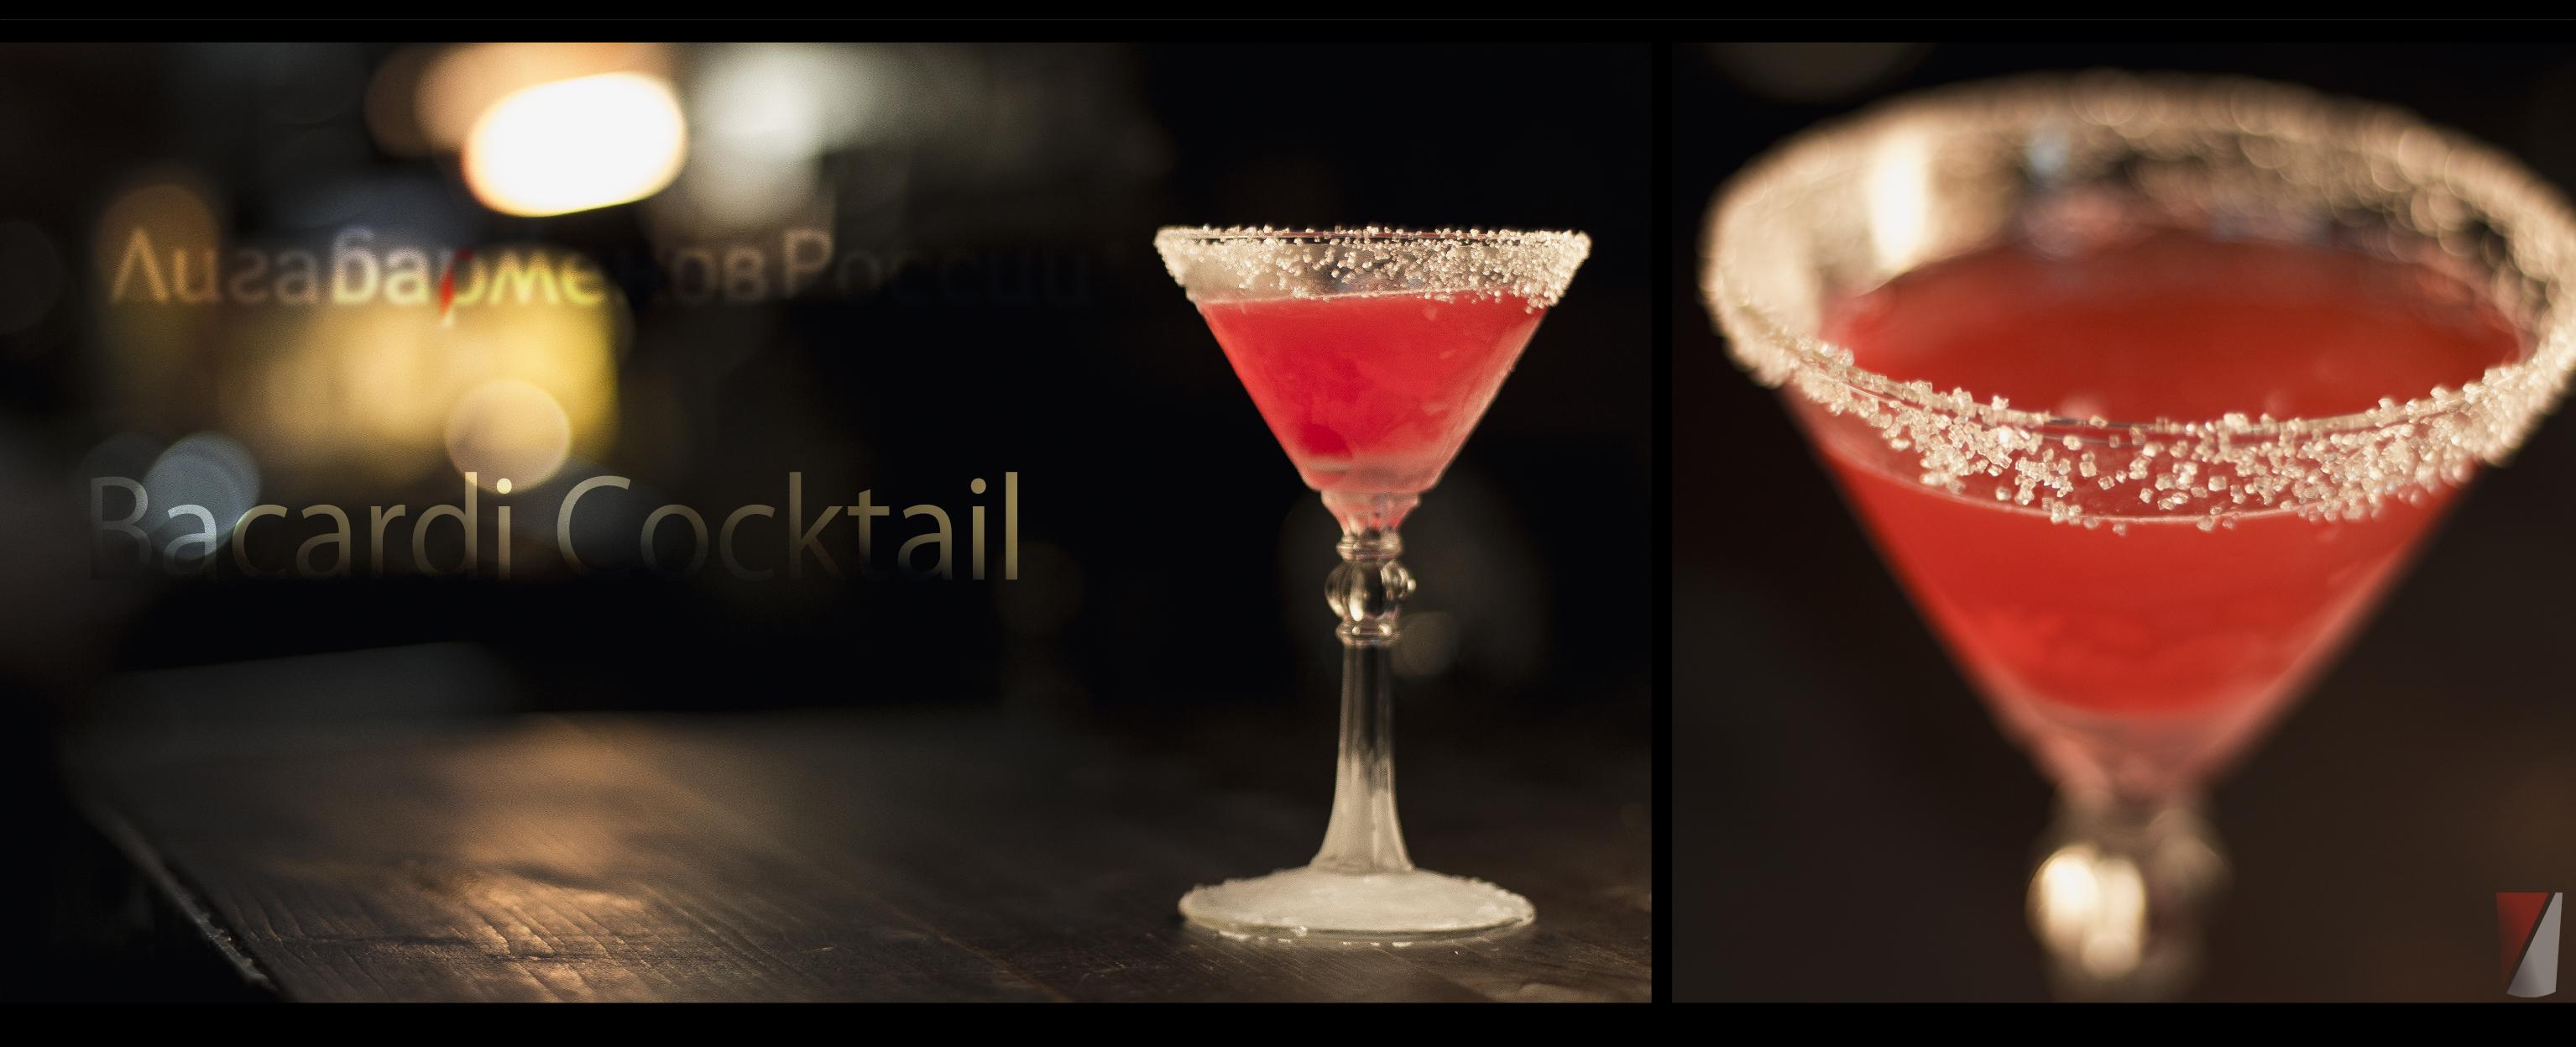 Рецепт коктейля Bacardi Cocktail